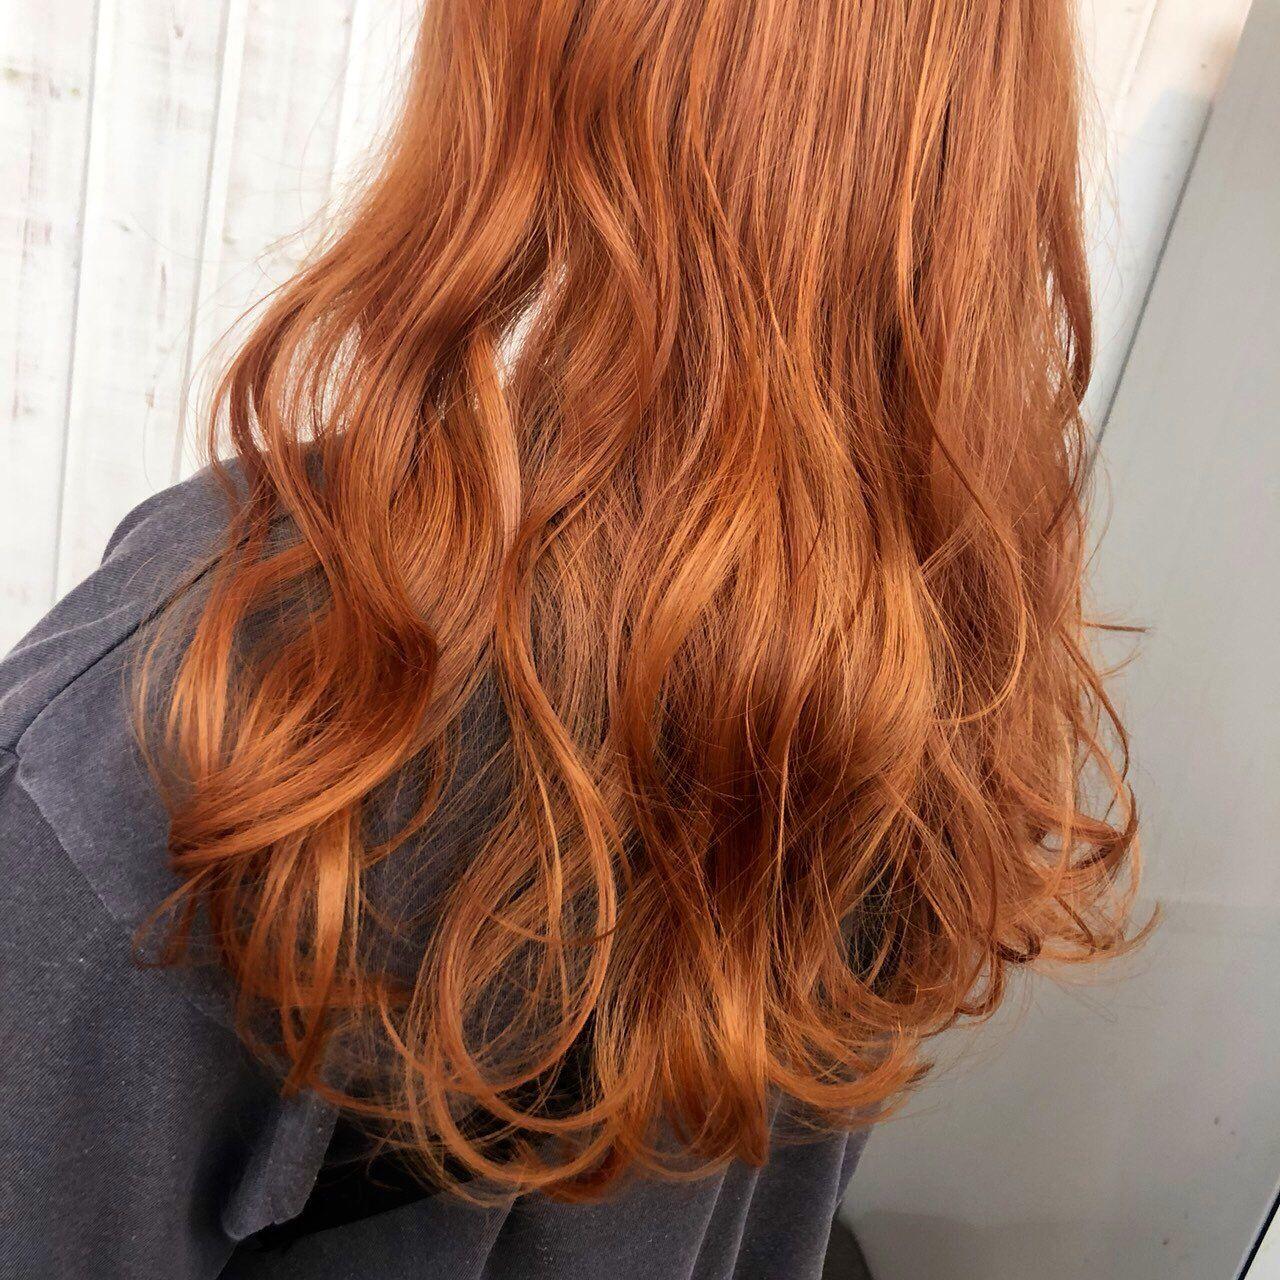 オレンジヘアー 髪 色 髪型 色